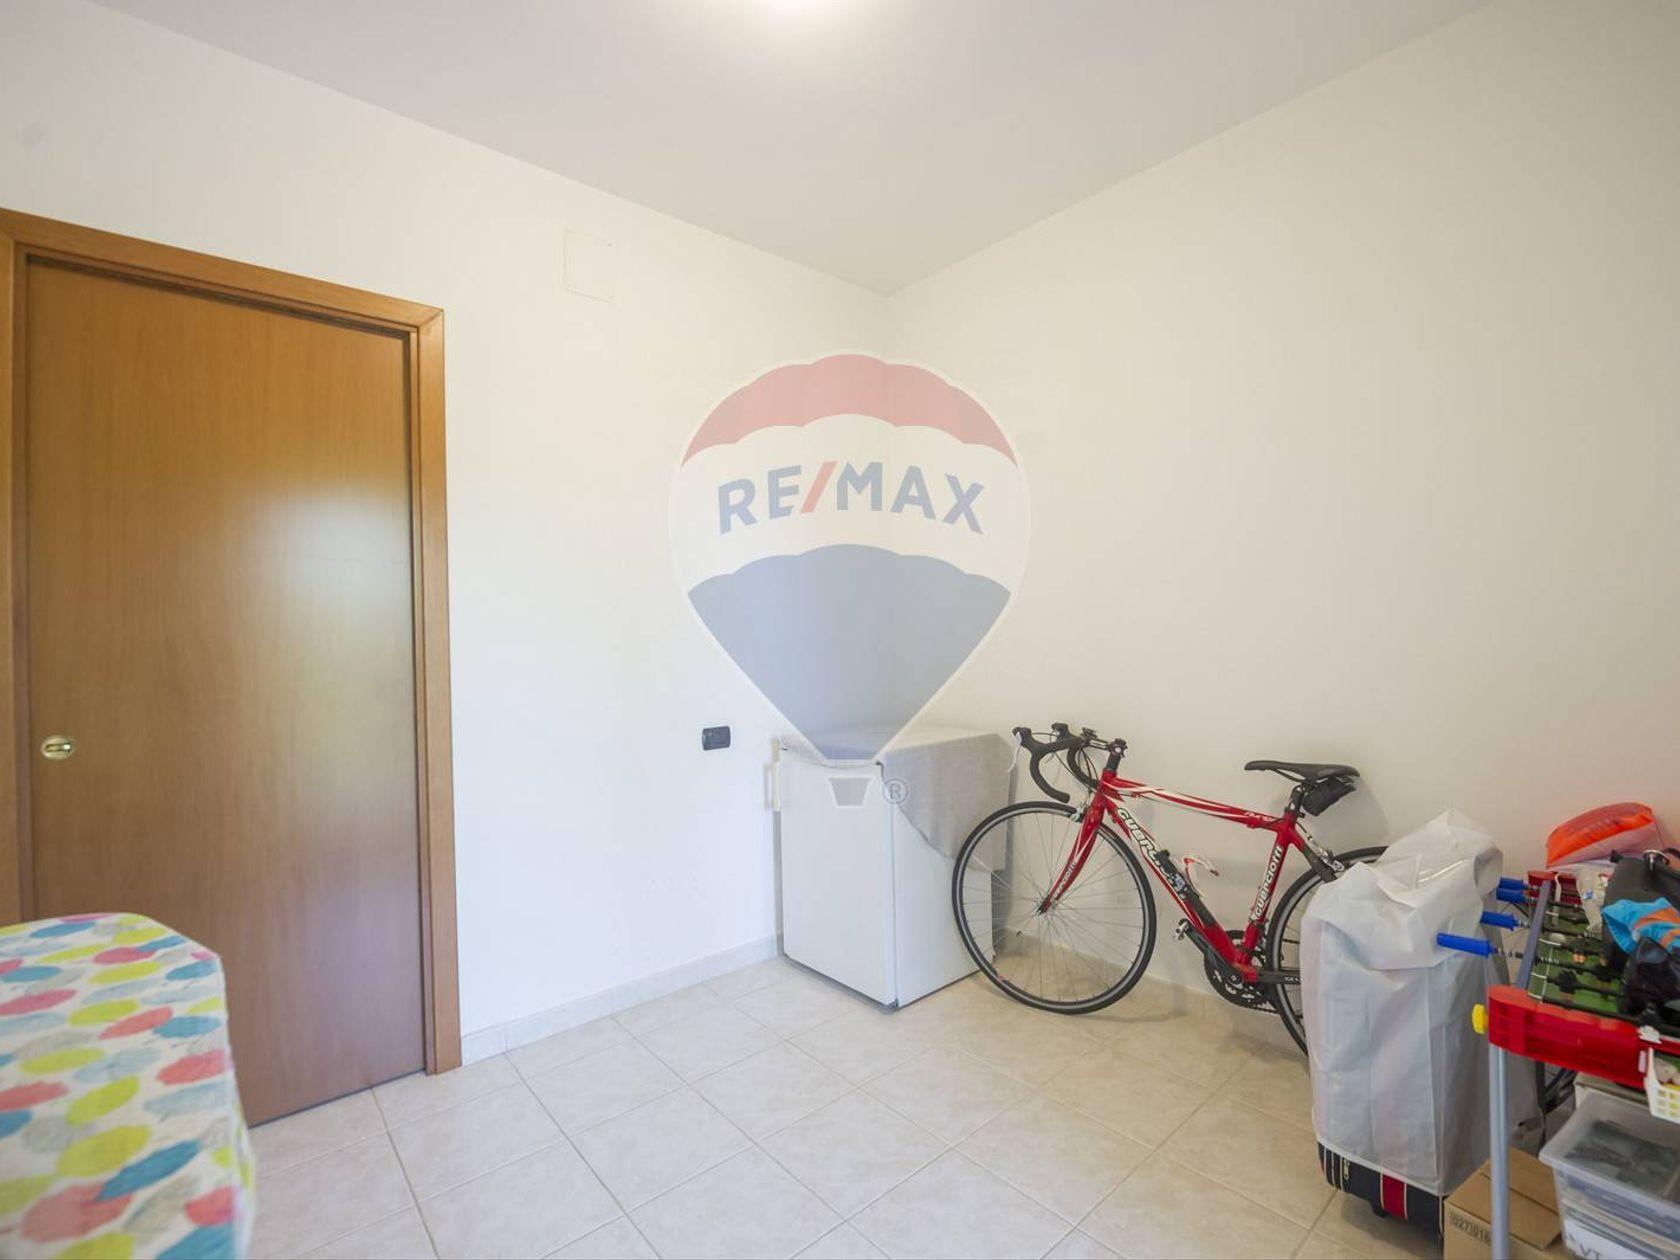 Appartamento Madonna delle Piane, Chieti, CH Vendita - Foto 18